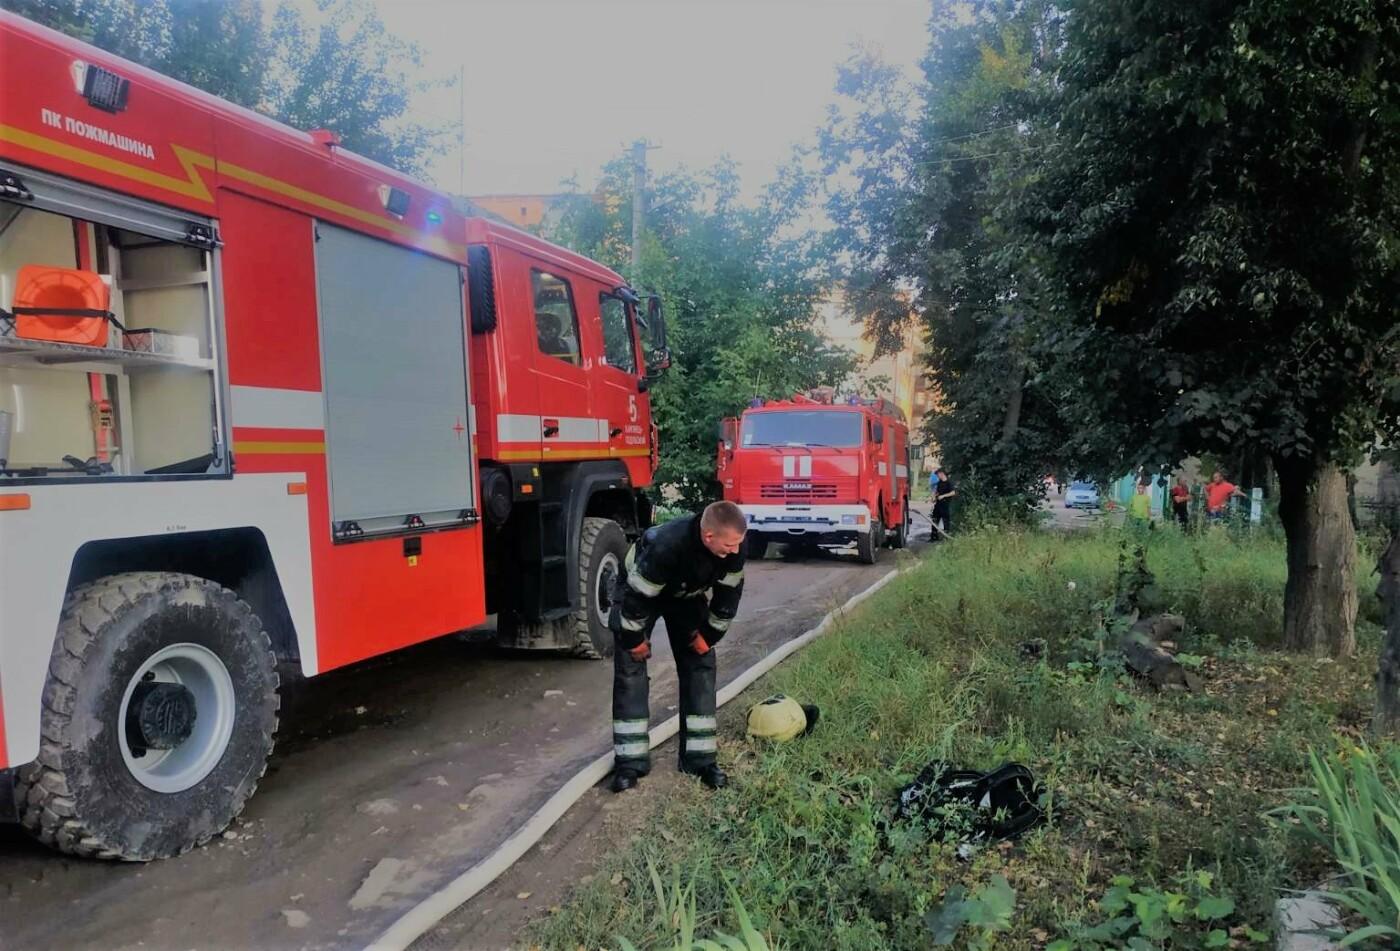 У Кам'янці-Подільському ліквідовували пожежу в приватному секторі, фото-1, Фото: ГУ ДСНС України у Хмельницькій області